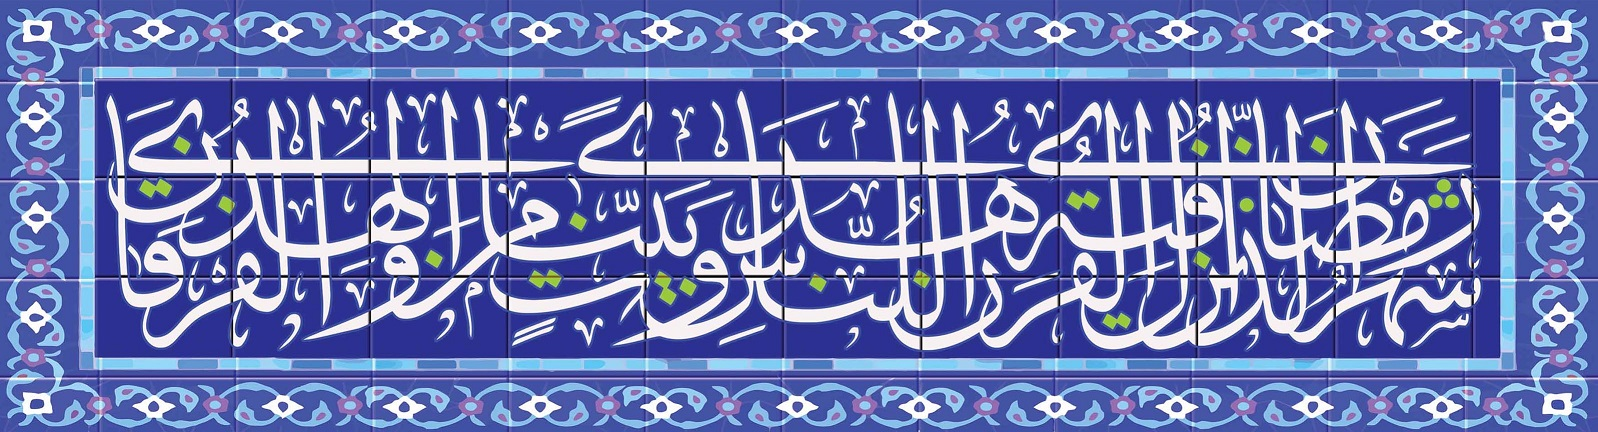 ramezan3